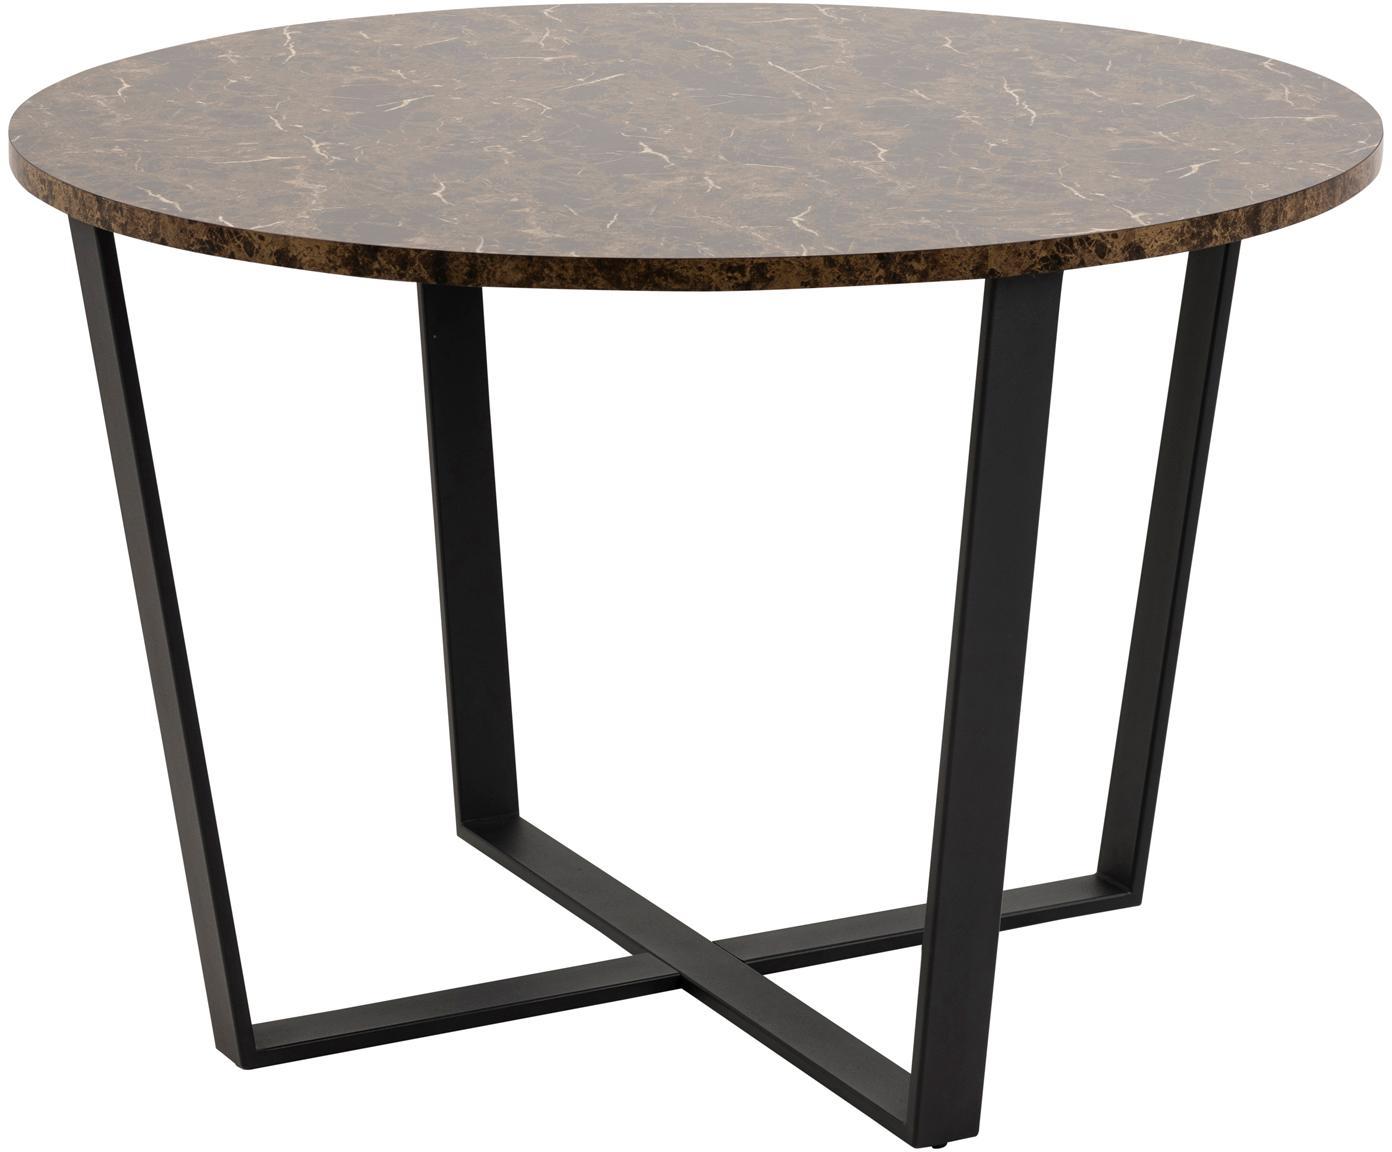 Tavolo da pranzo con piano in marmo Amble, Piano d'appoggio: pannello di fibra a media, Gambe: metallo verniciato a polv, Marrone marmorizzato, nero, Ø 110 x Alt. 75 cm